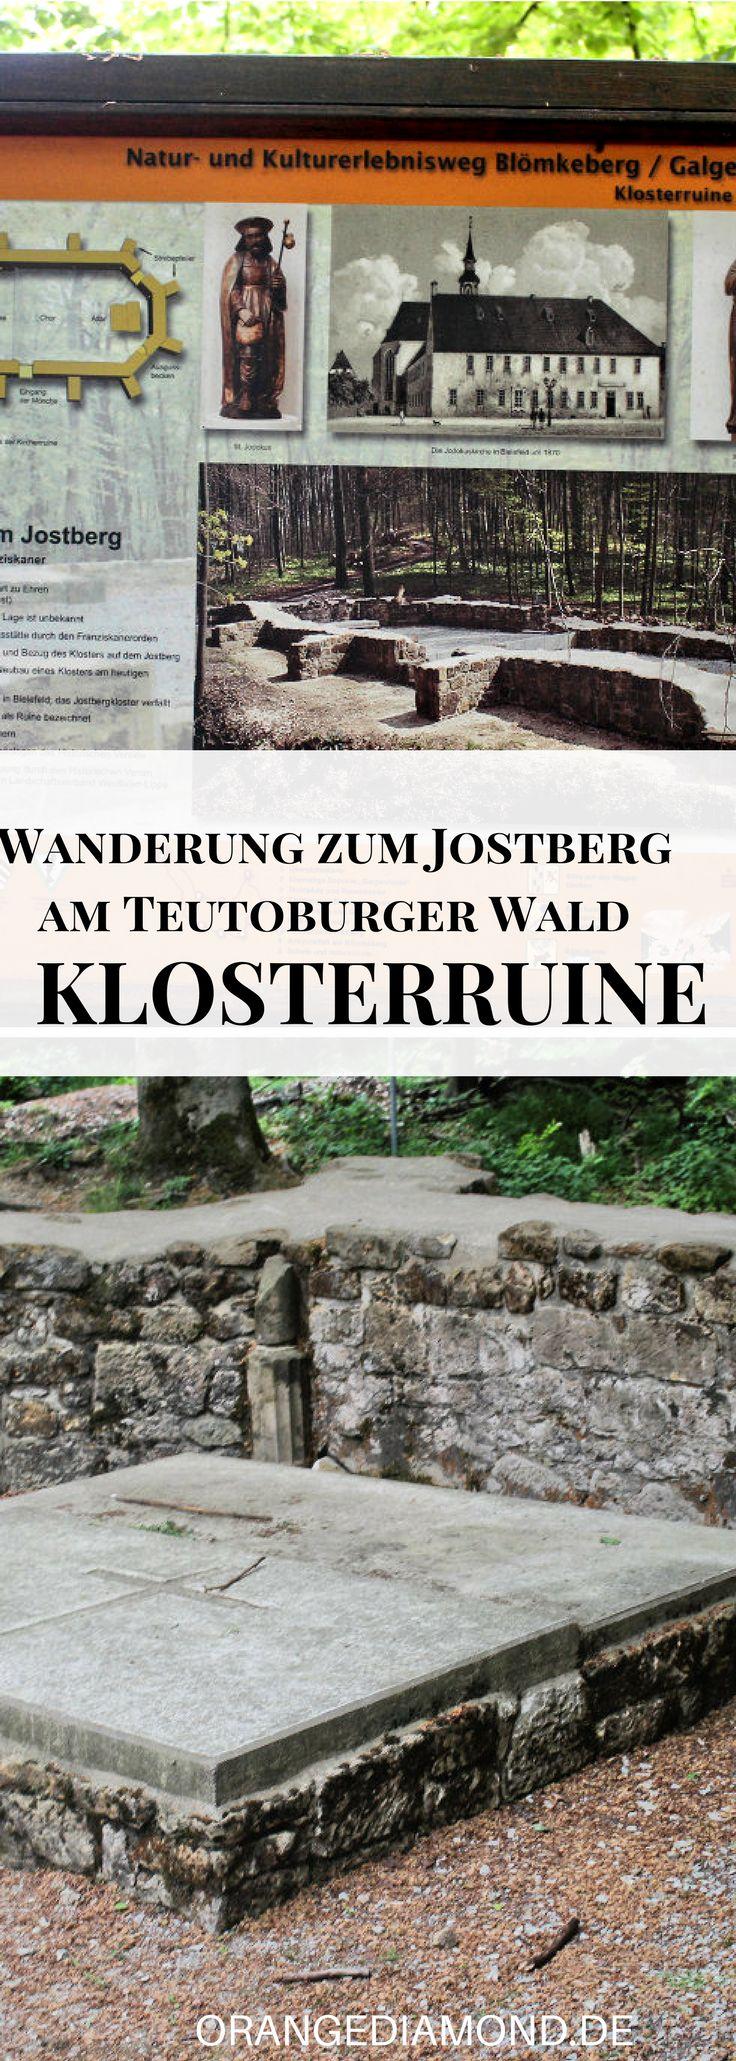 Das Jostbergkloster in Bielefeld im Teutoburger Wald. Einst eine Niederlassung der Franziskanerobservanten. Heute sind noch die Grundmauern der spätgotischen Klosterkirche erhalten! Eine der Sehenswürdigkeiten in Bielefeld in der Natur! #jostberg #bielefeld #kloster #klosterruine